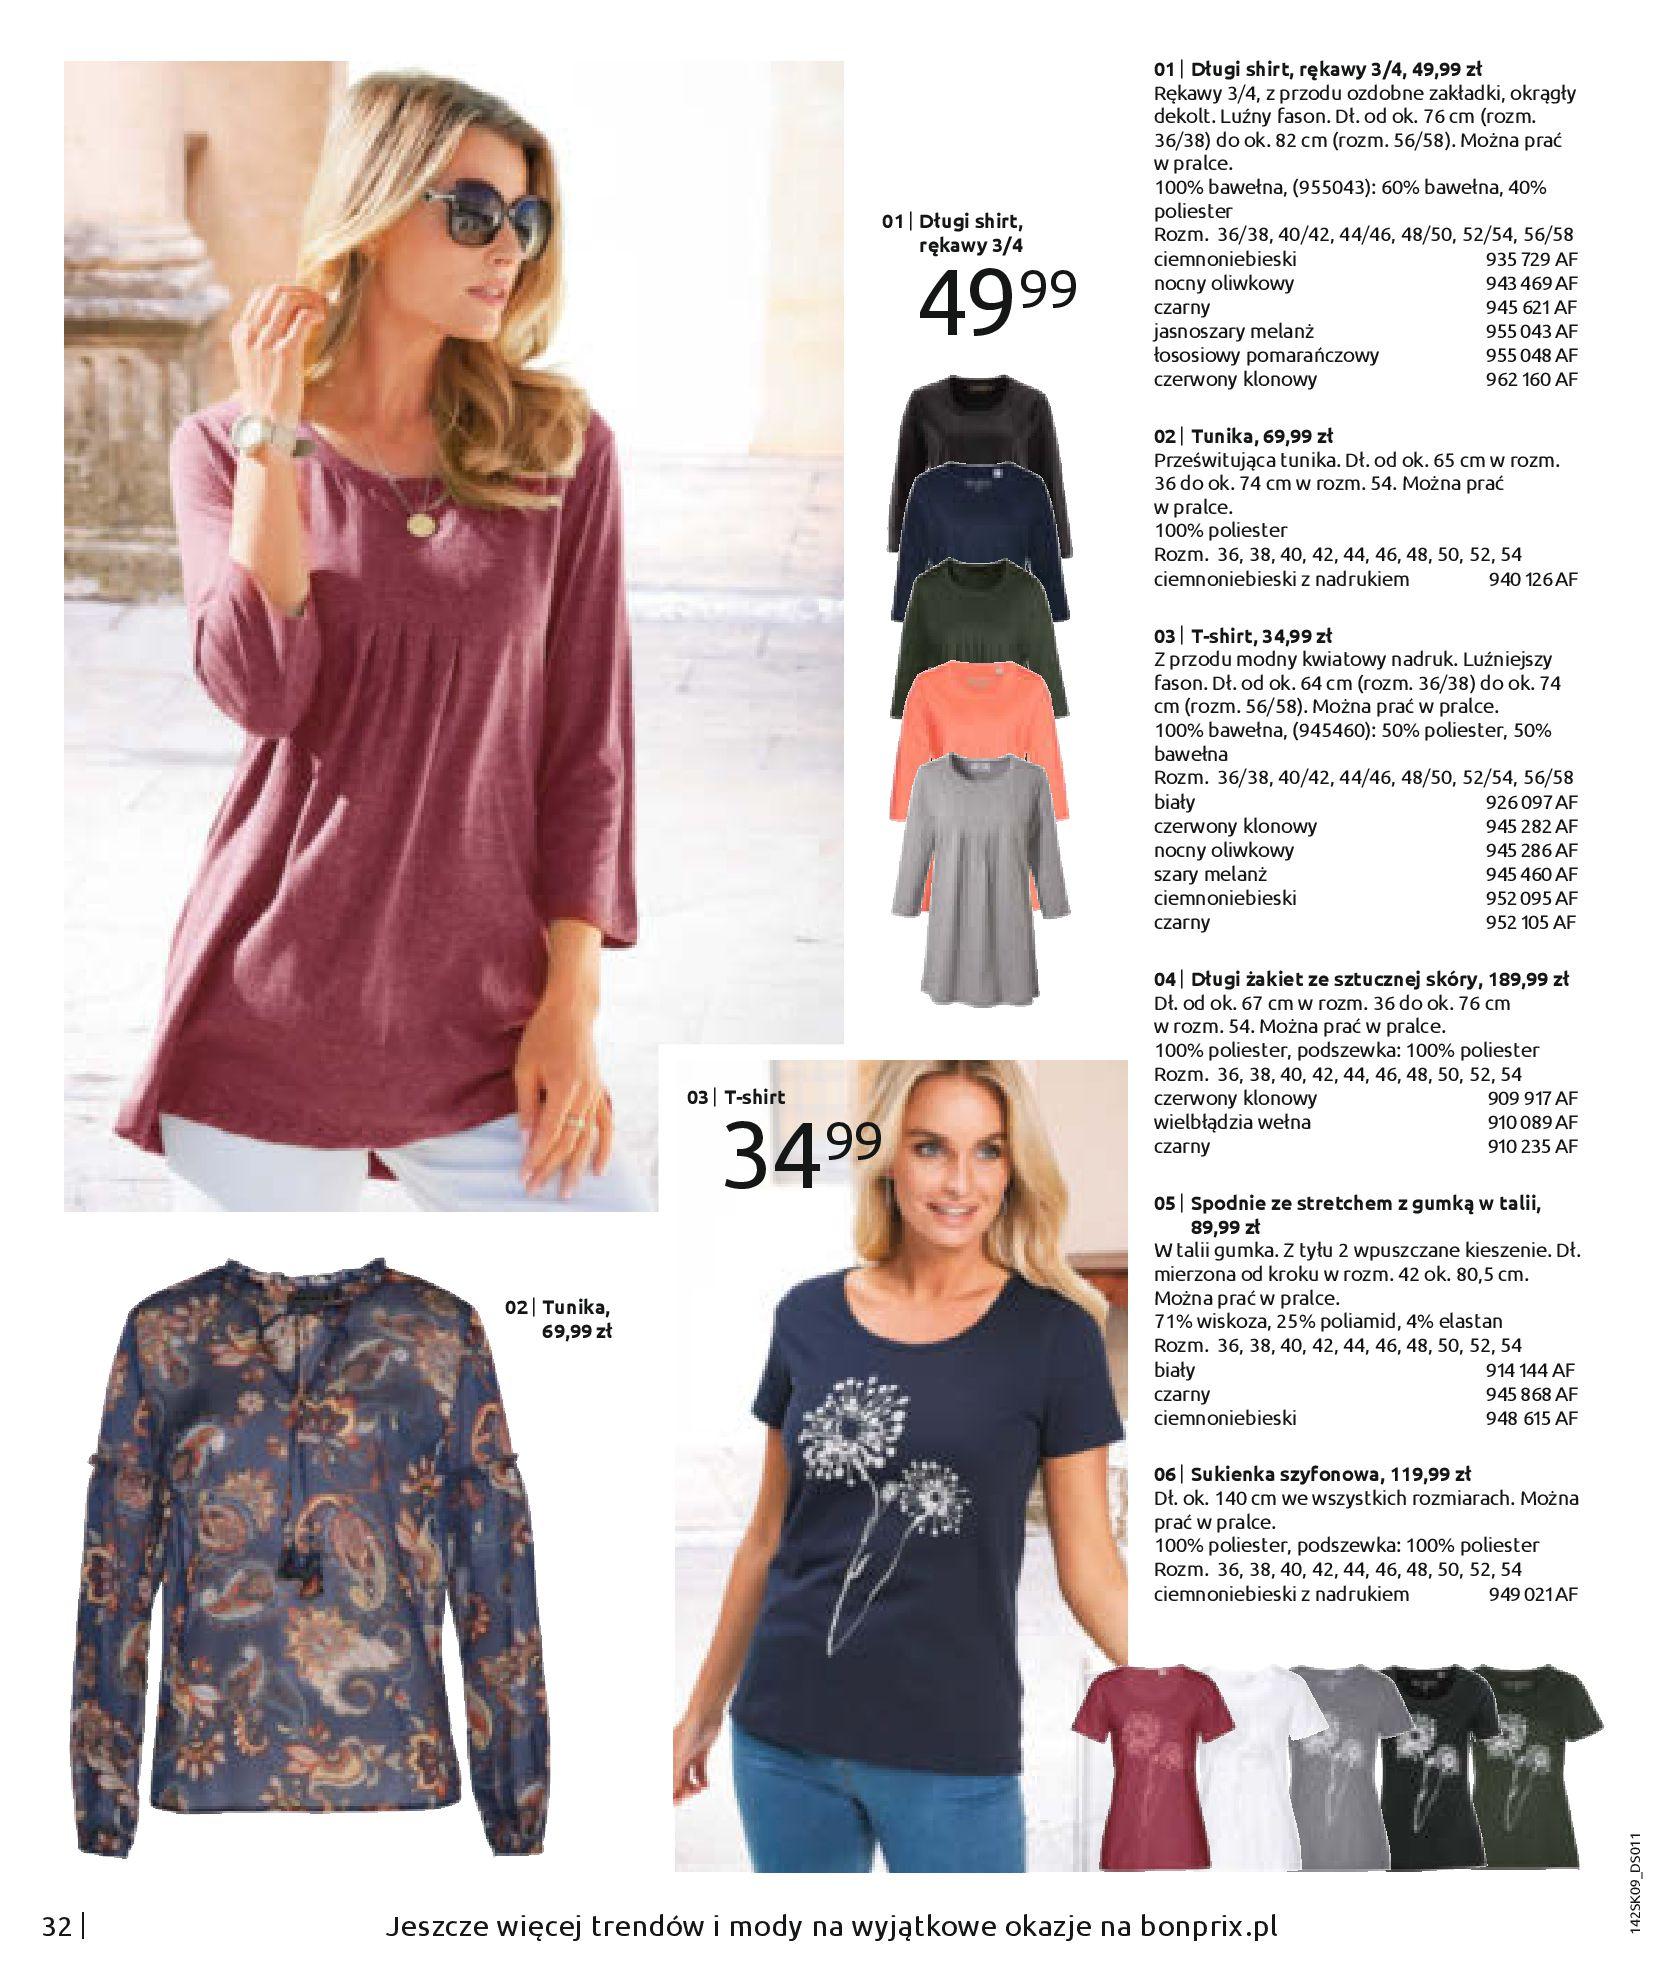 Gazetka Bonprix - Jesienny look-31.08.2020-28.02.2021-page-34